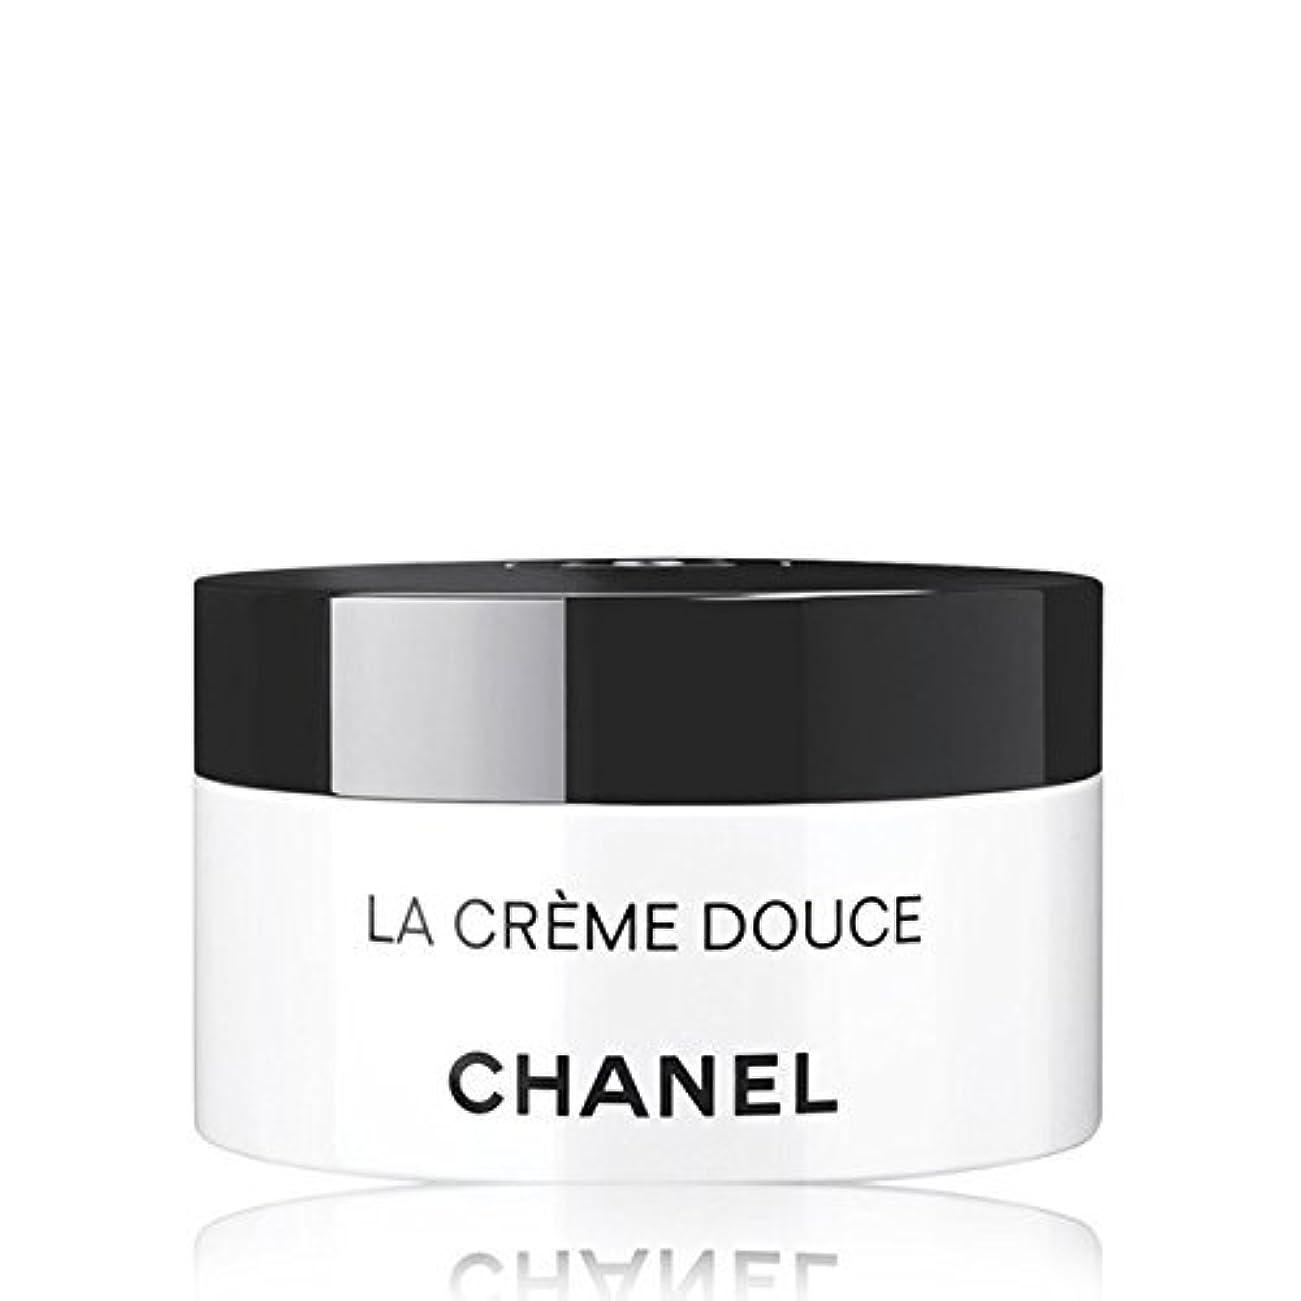 クラフト挽く化学CHANEL(シャネル) ラ クレーム ドゥース